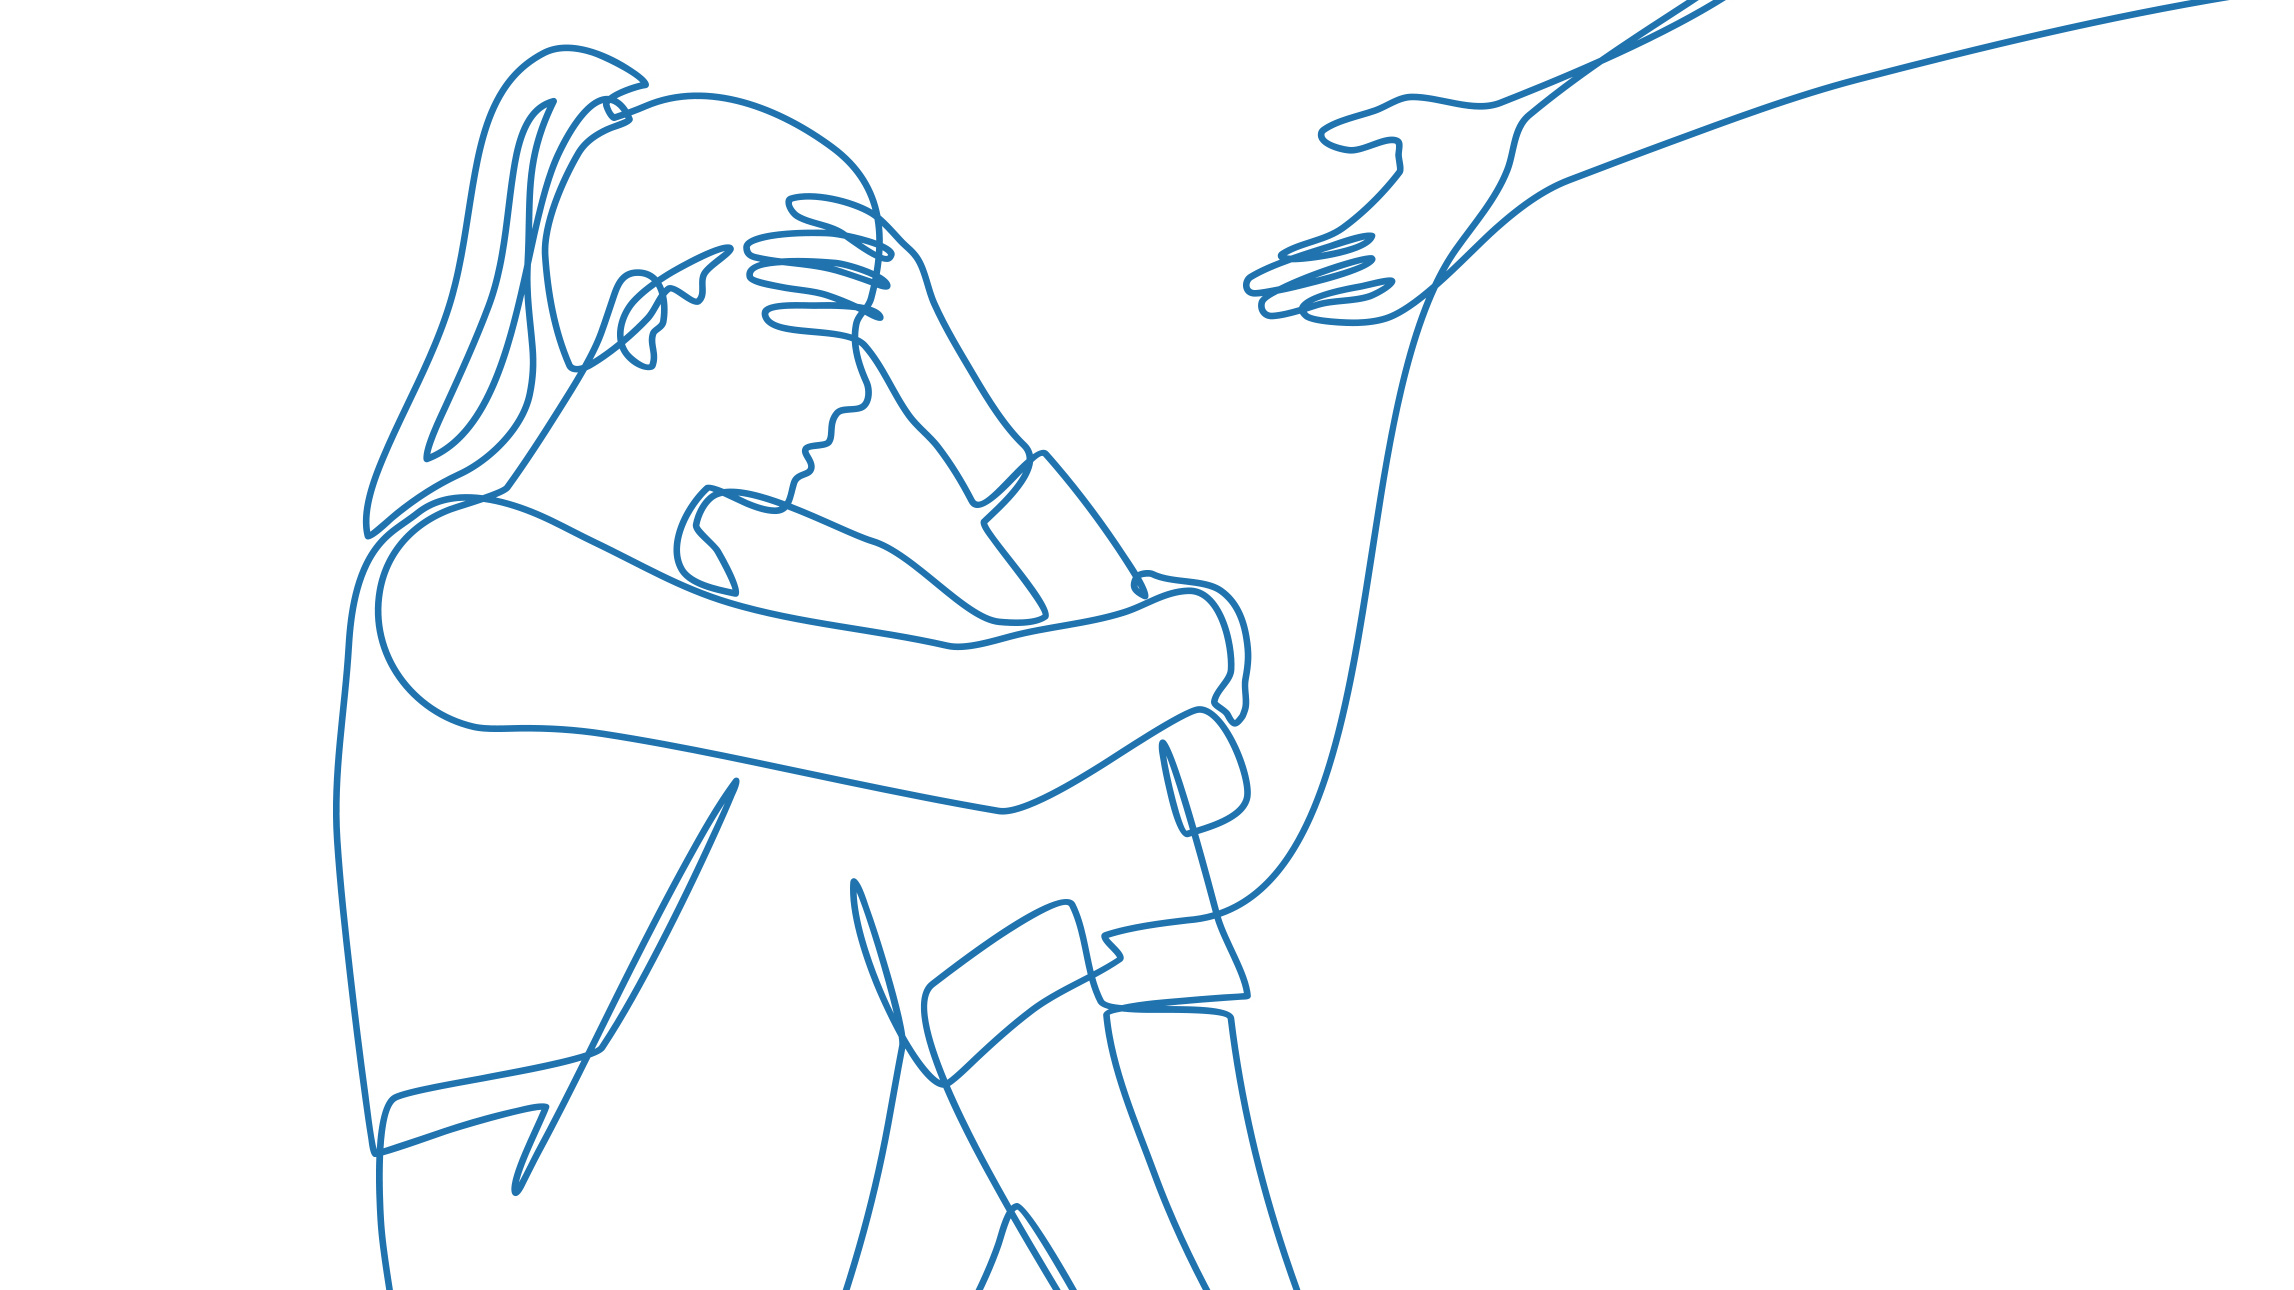 En hand sträcks ut till en kvinna som sitter ned med ett bedrövat kroppsspråk